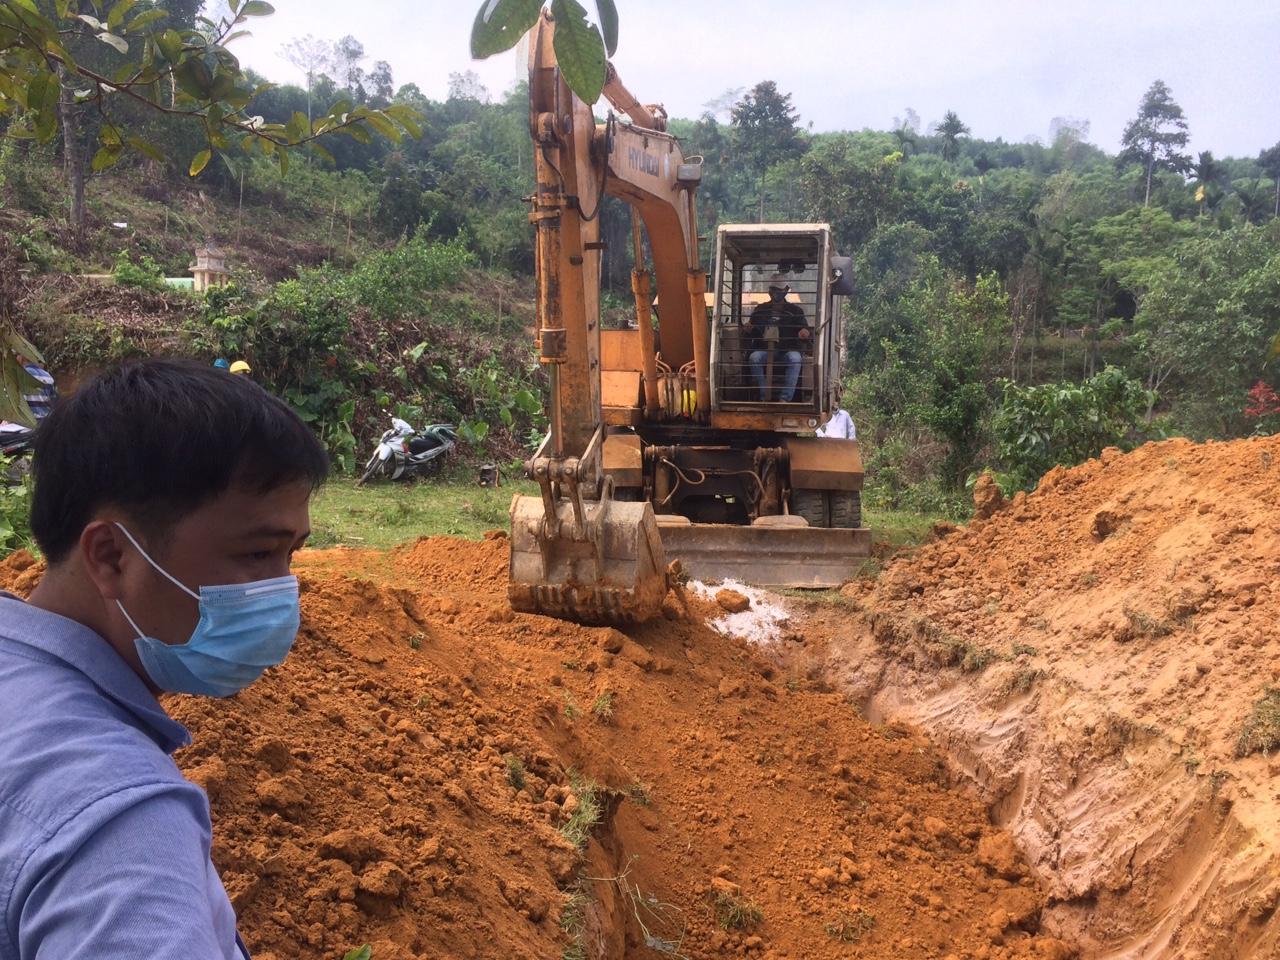 Lực lượng chức năng cũng tiến hành đào hố để tiêu huy số heo bị mắc bệnh dịch LMLM. Ảnh: H.T